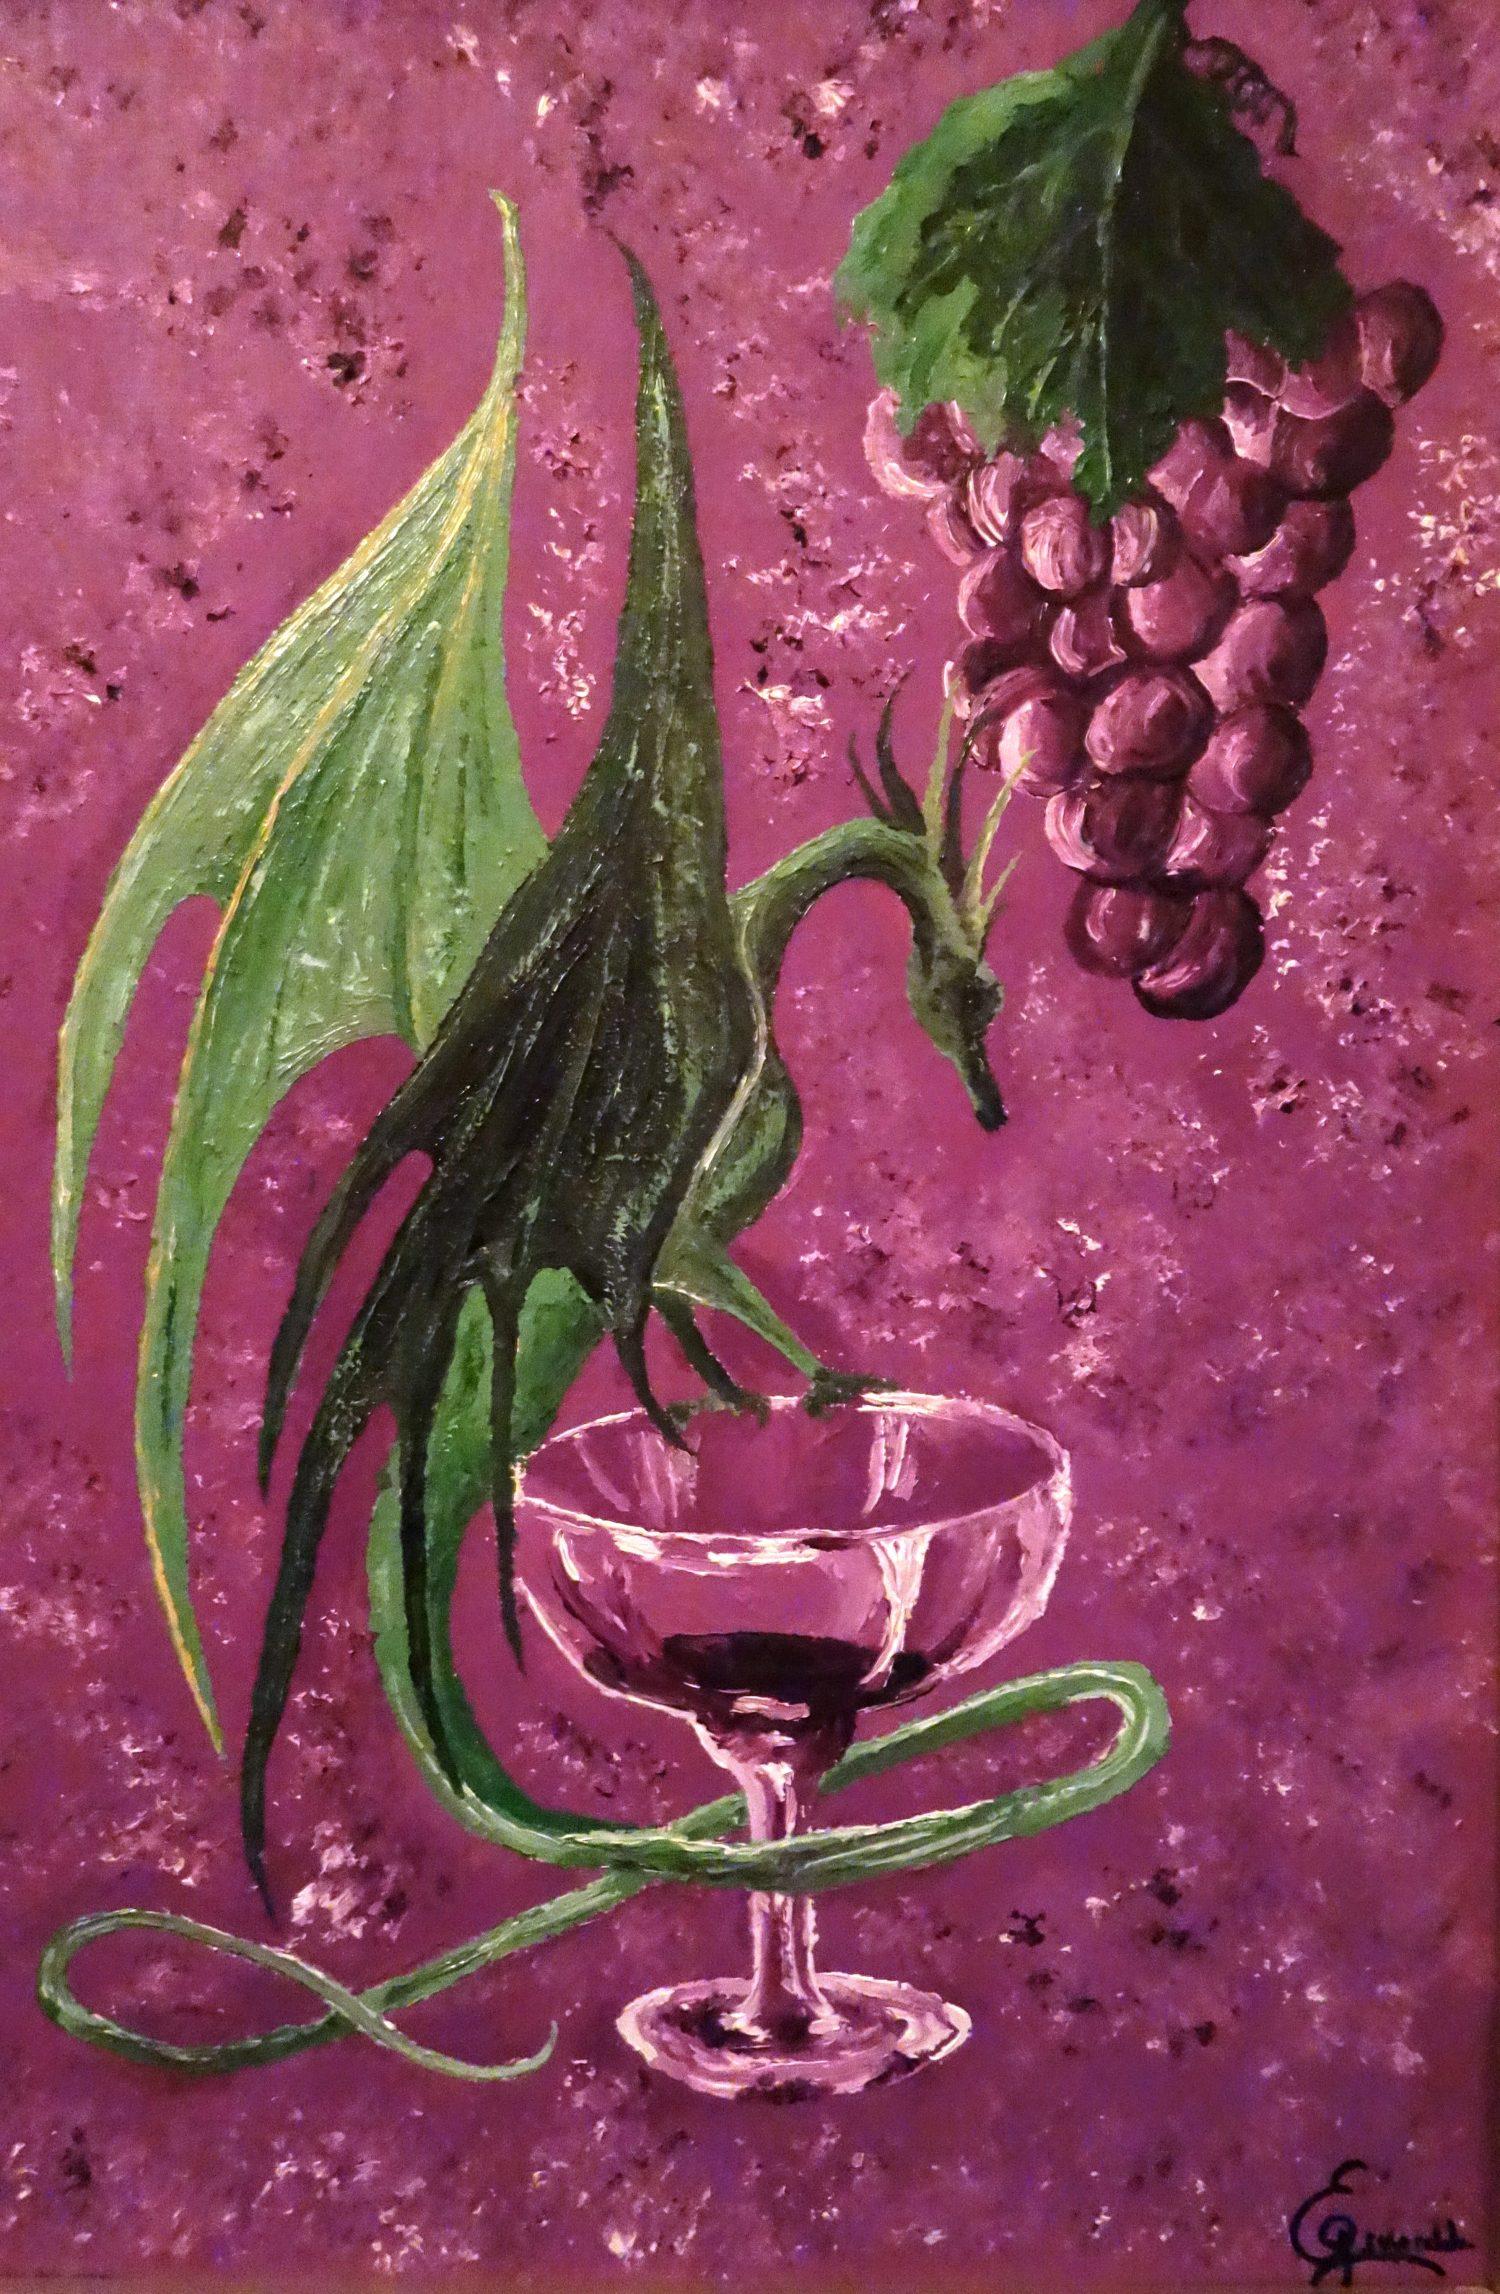 Óleo sobre lienzo, el segundo óleo pintado por Esmeralda. Inspirado en un cuadro de artista desconocido.